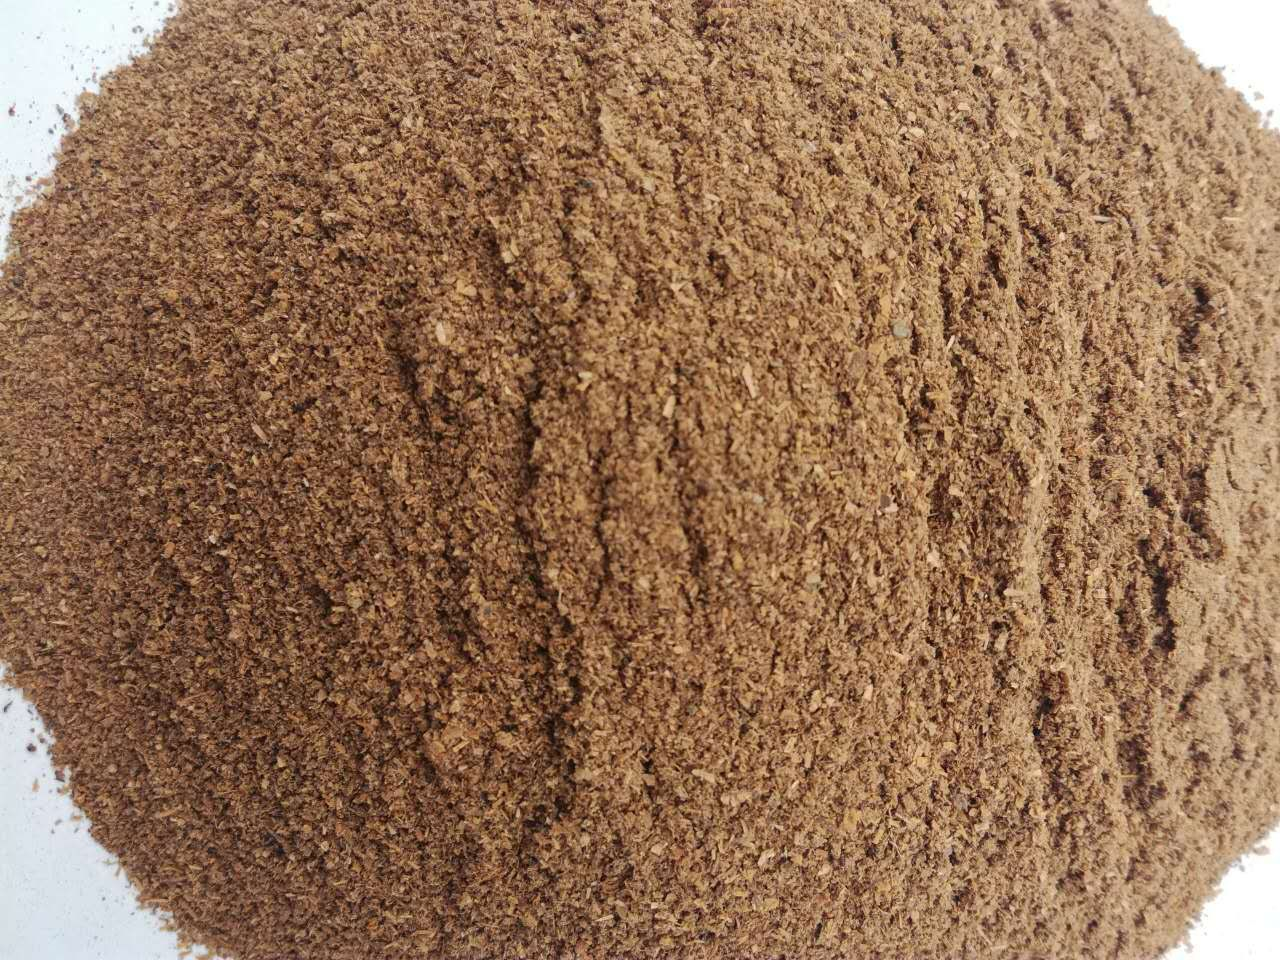 Thức ăn cho gà Cung cấp sấy hạt ngũ cốc Nhà máy trực tiếp gà, vịt, gia súc và cừu thức ăn lên men th